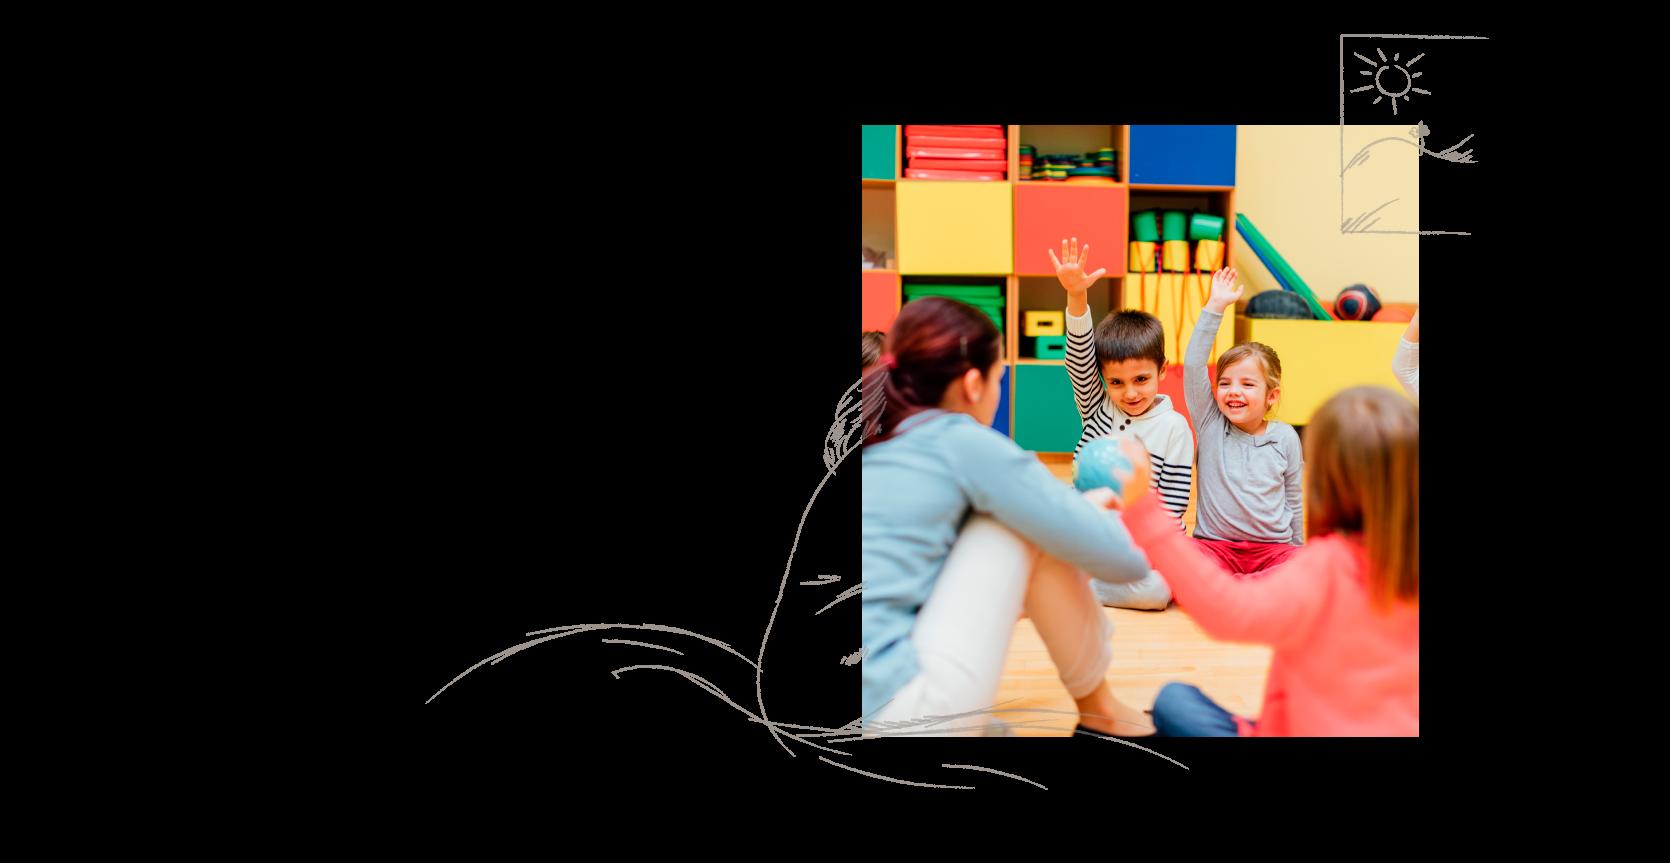 Eine Erzieherin & Pädagogin in einer Fragerunde mit den Kindern in einer Kita